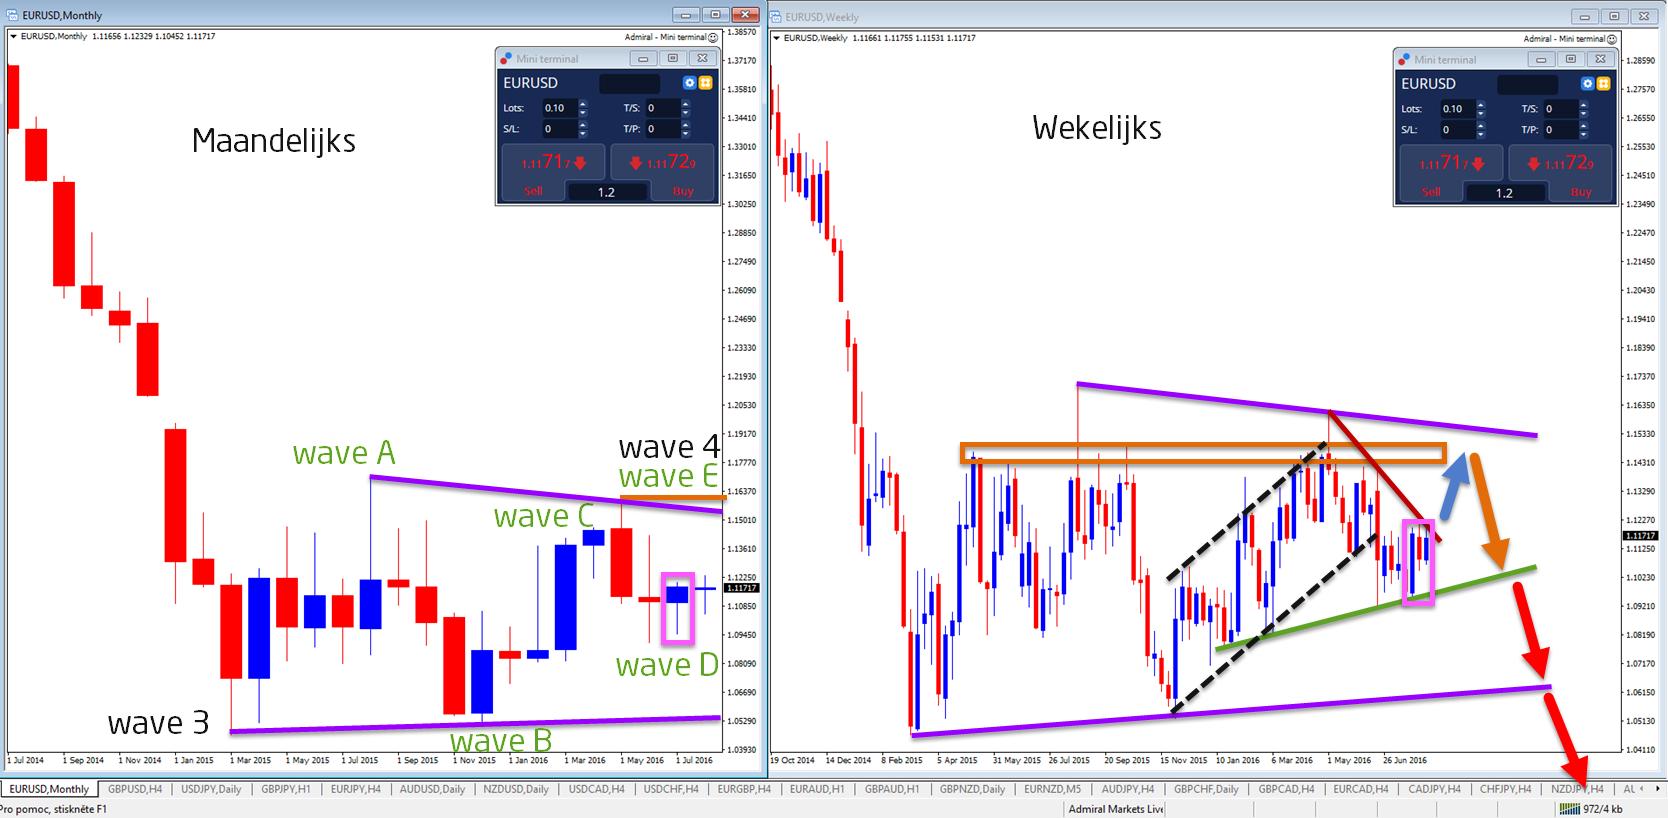 EUR/USD wekelijkse en maandelijkse grafiek